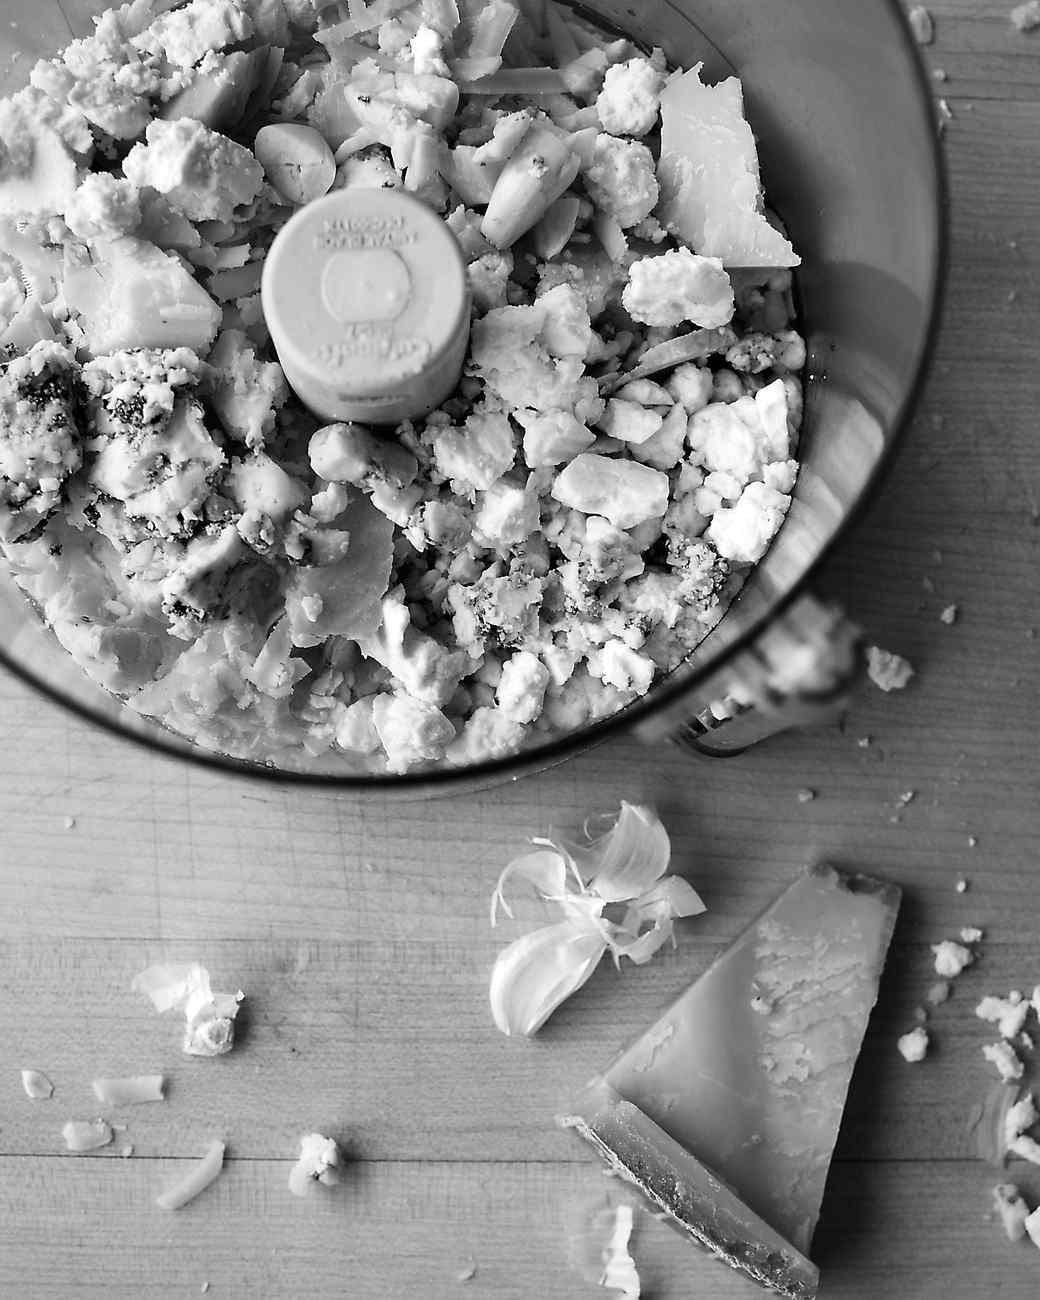 msl-kitchen-cheese-0279-md110059.jpg